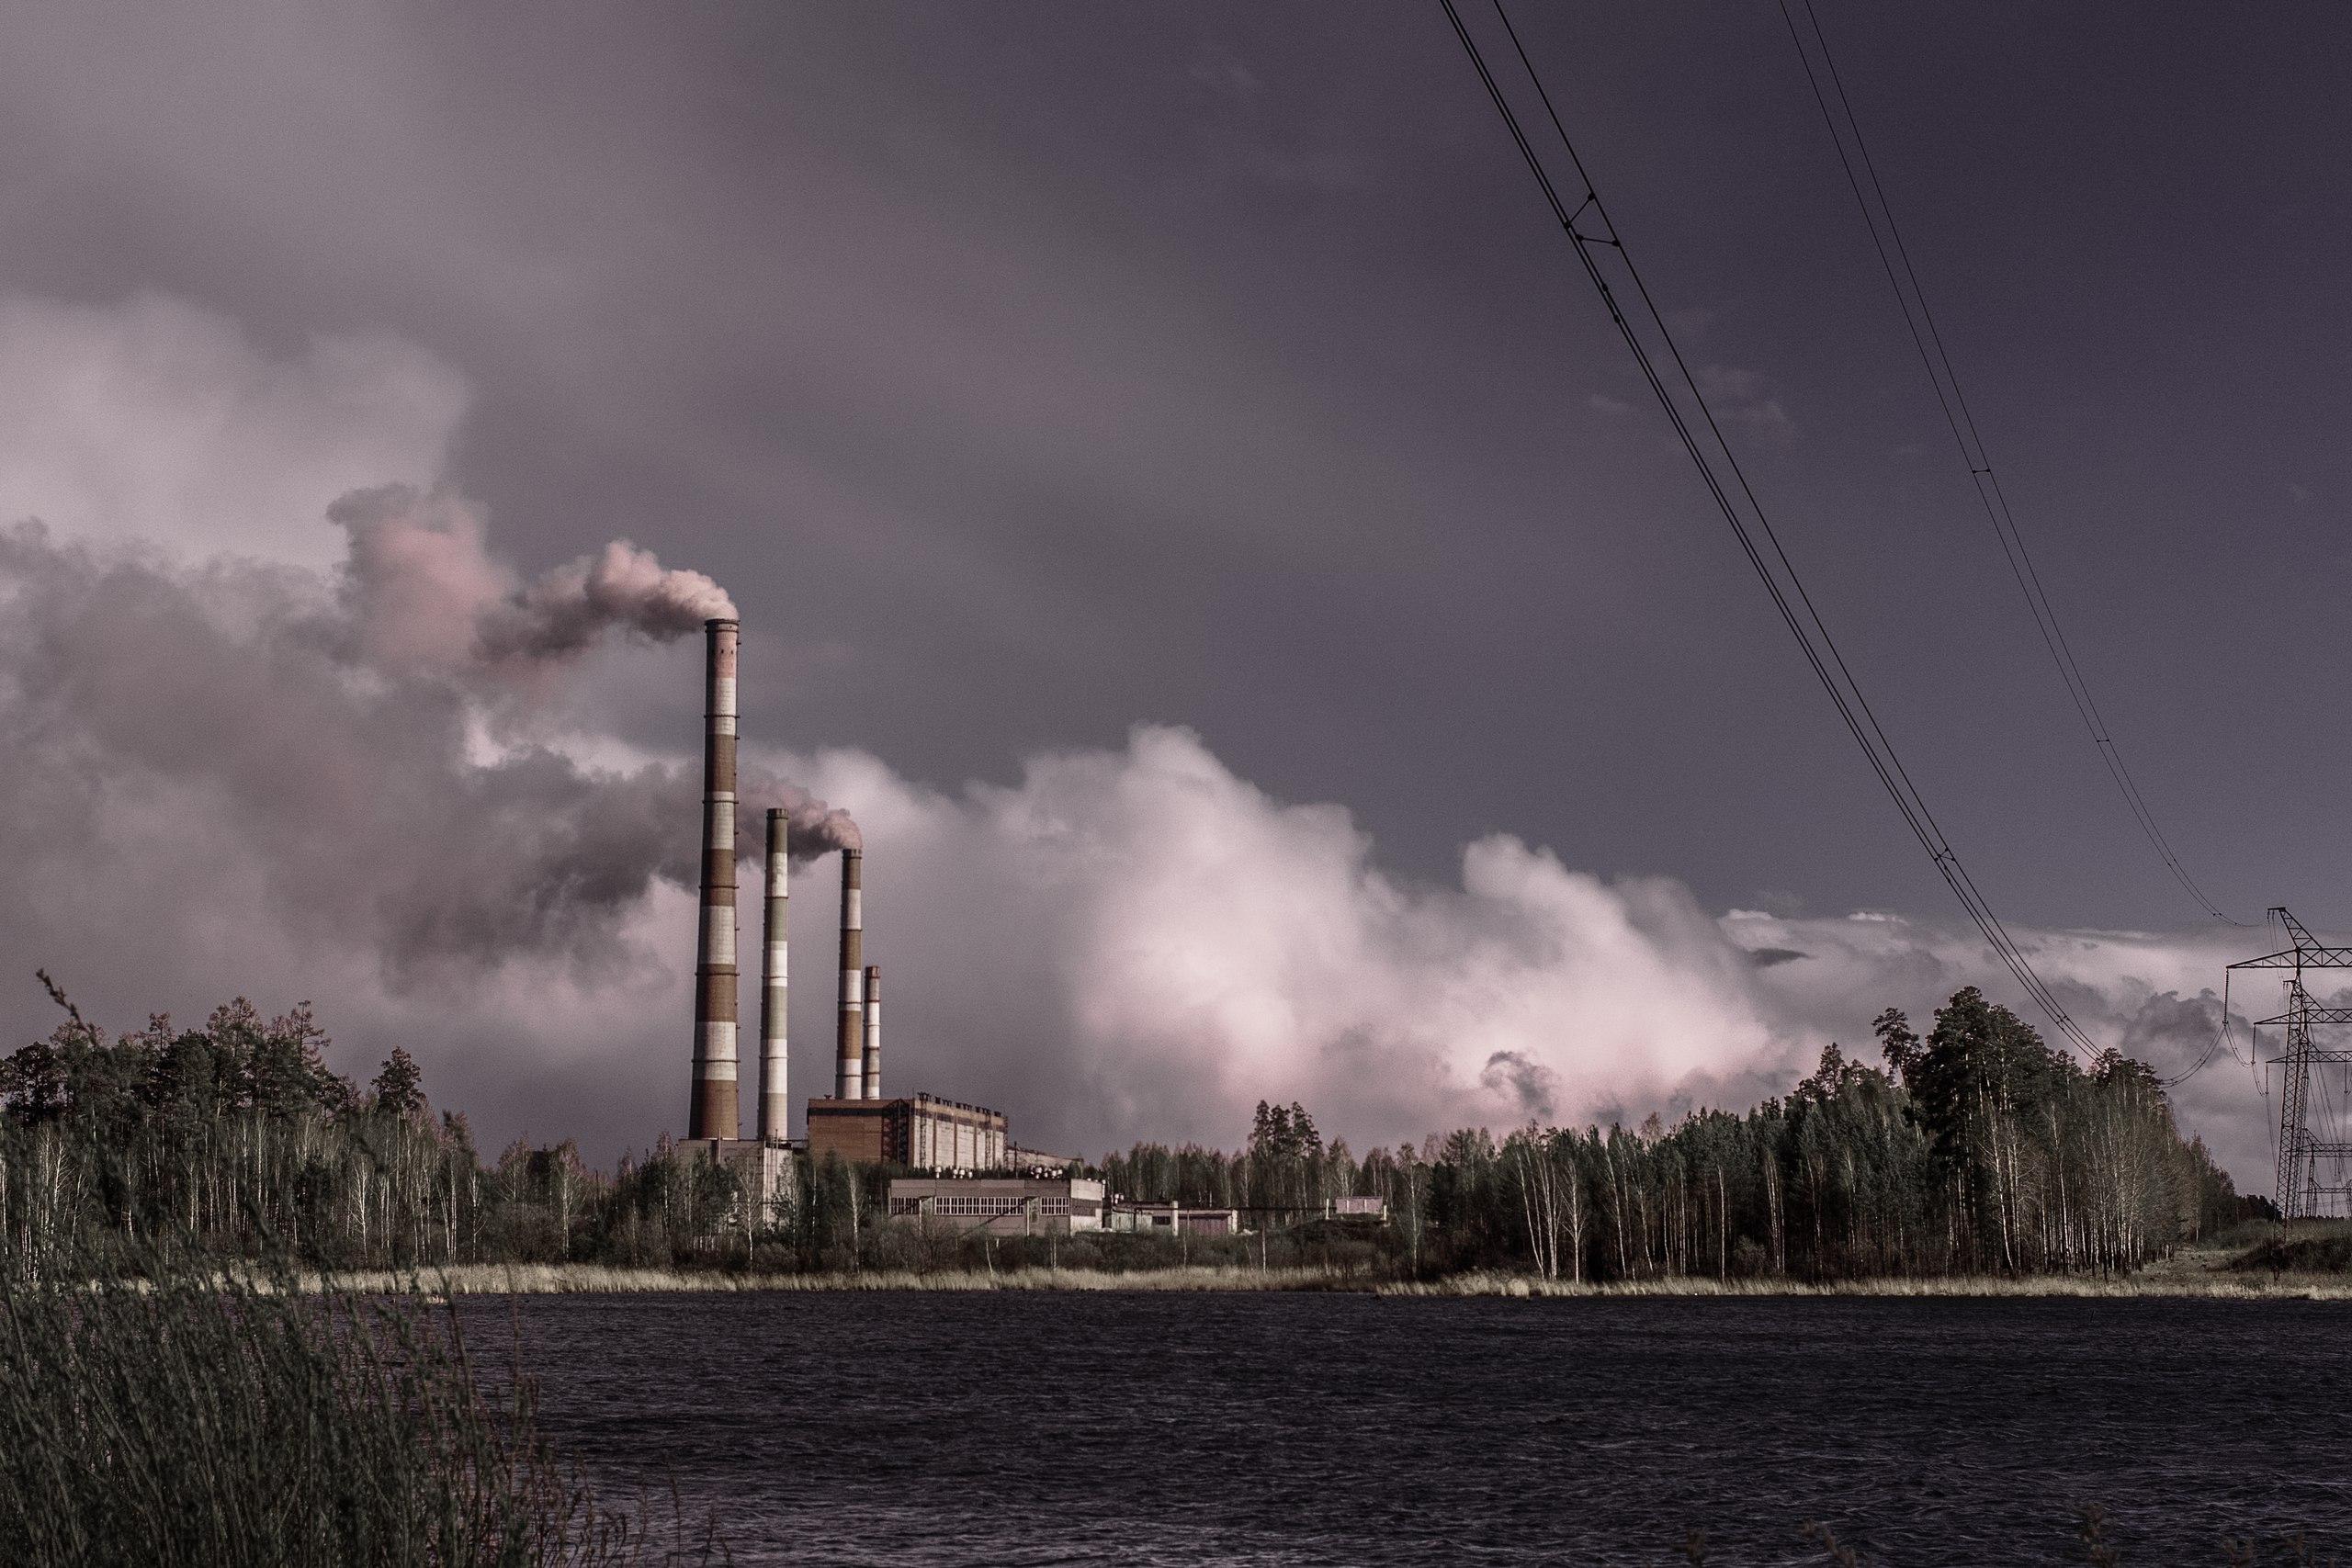 На самую мощную угольную ГРЭС в России – Рефтинскую в Свердловской области – уголь доставляют по железной дороге с Экибастузского месторождения в Казахстане, транспортное плечо – почти 1,5 тыс. км.